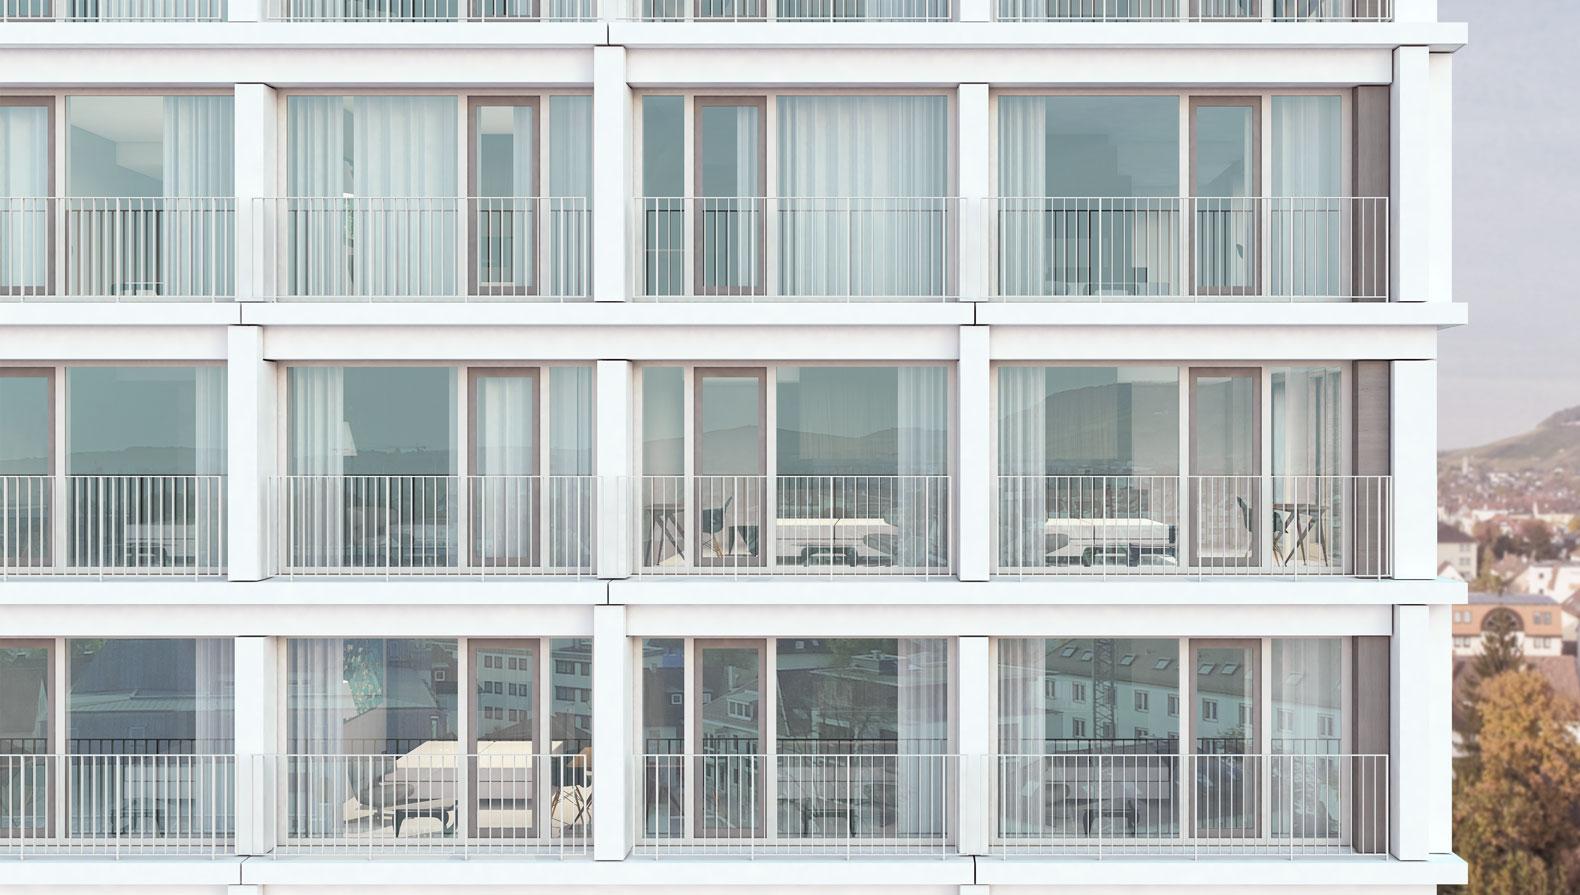 Fassade aus weißen Betonfertigteilen